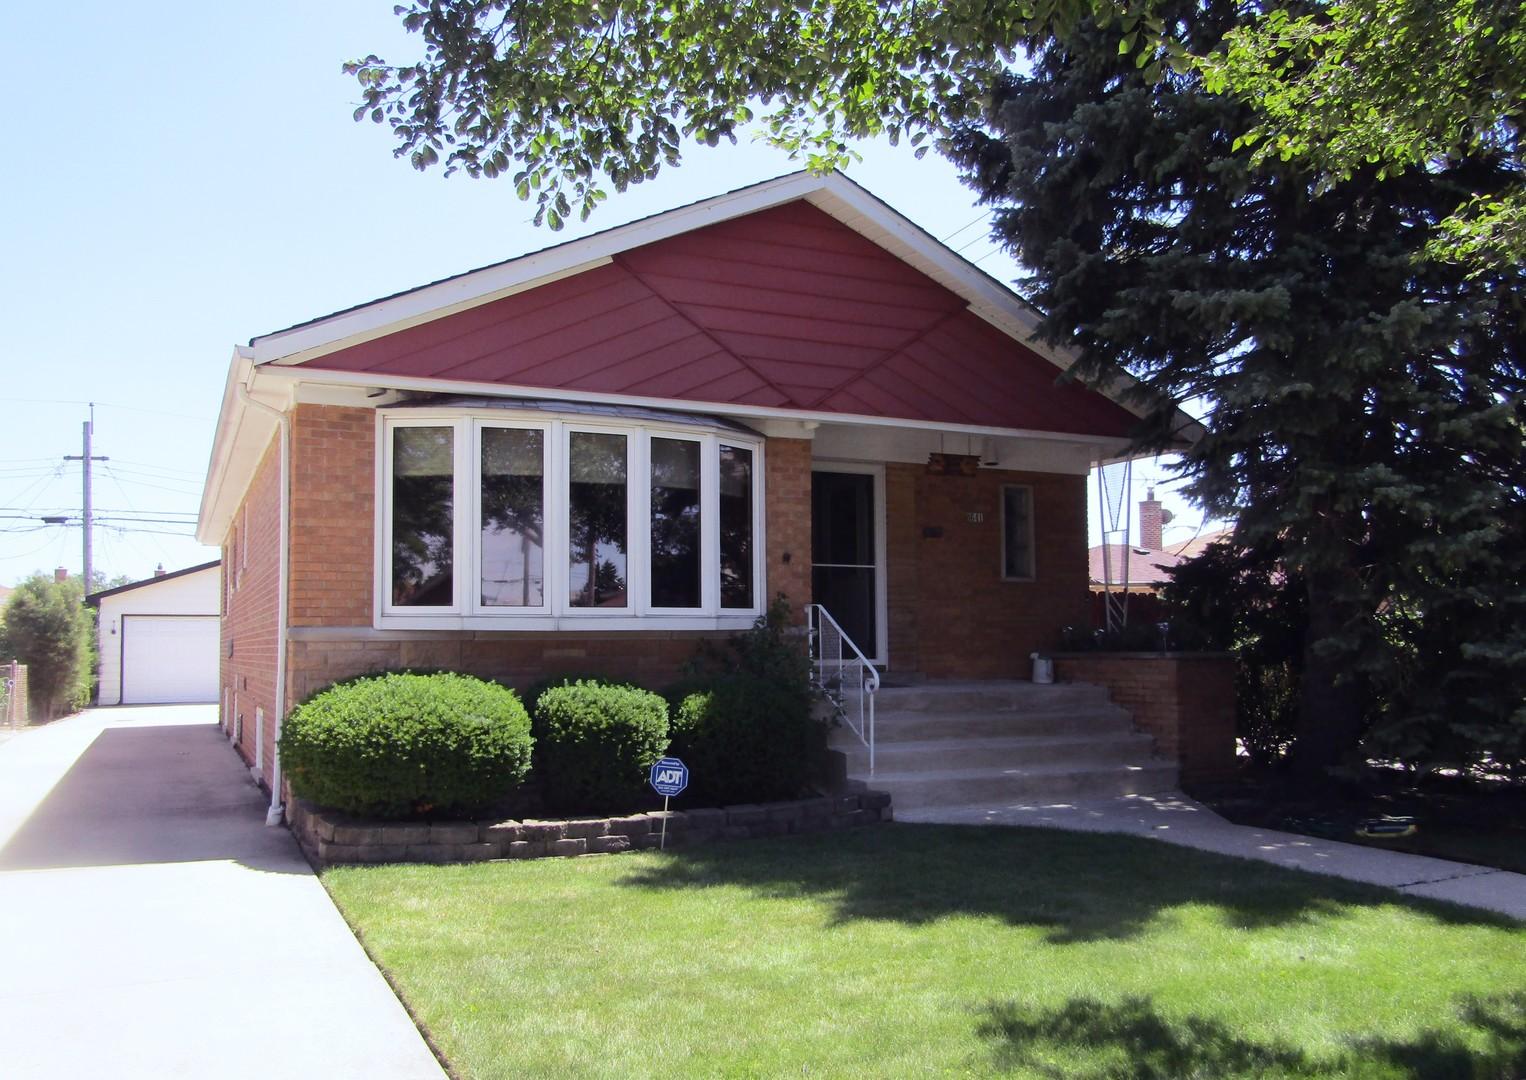 Photo of 8641 Kedvale Avenue Chicago Illinois 60652